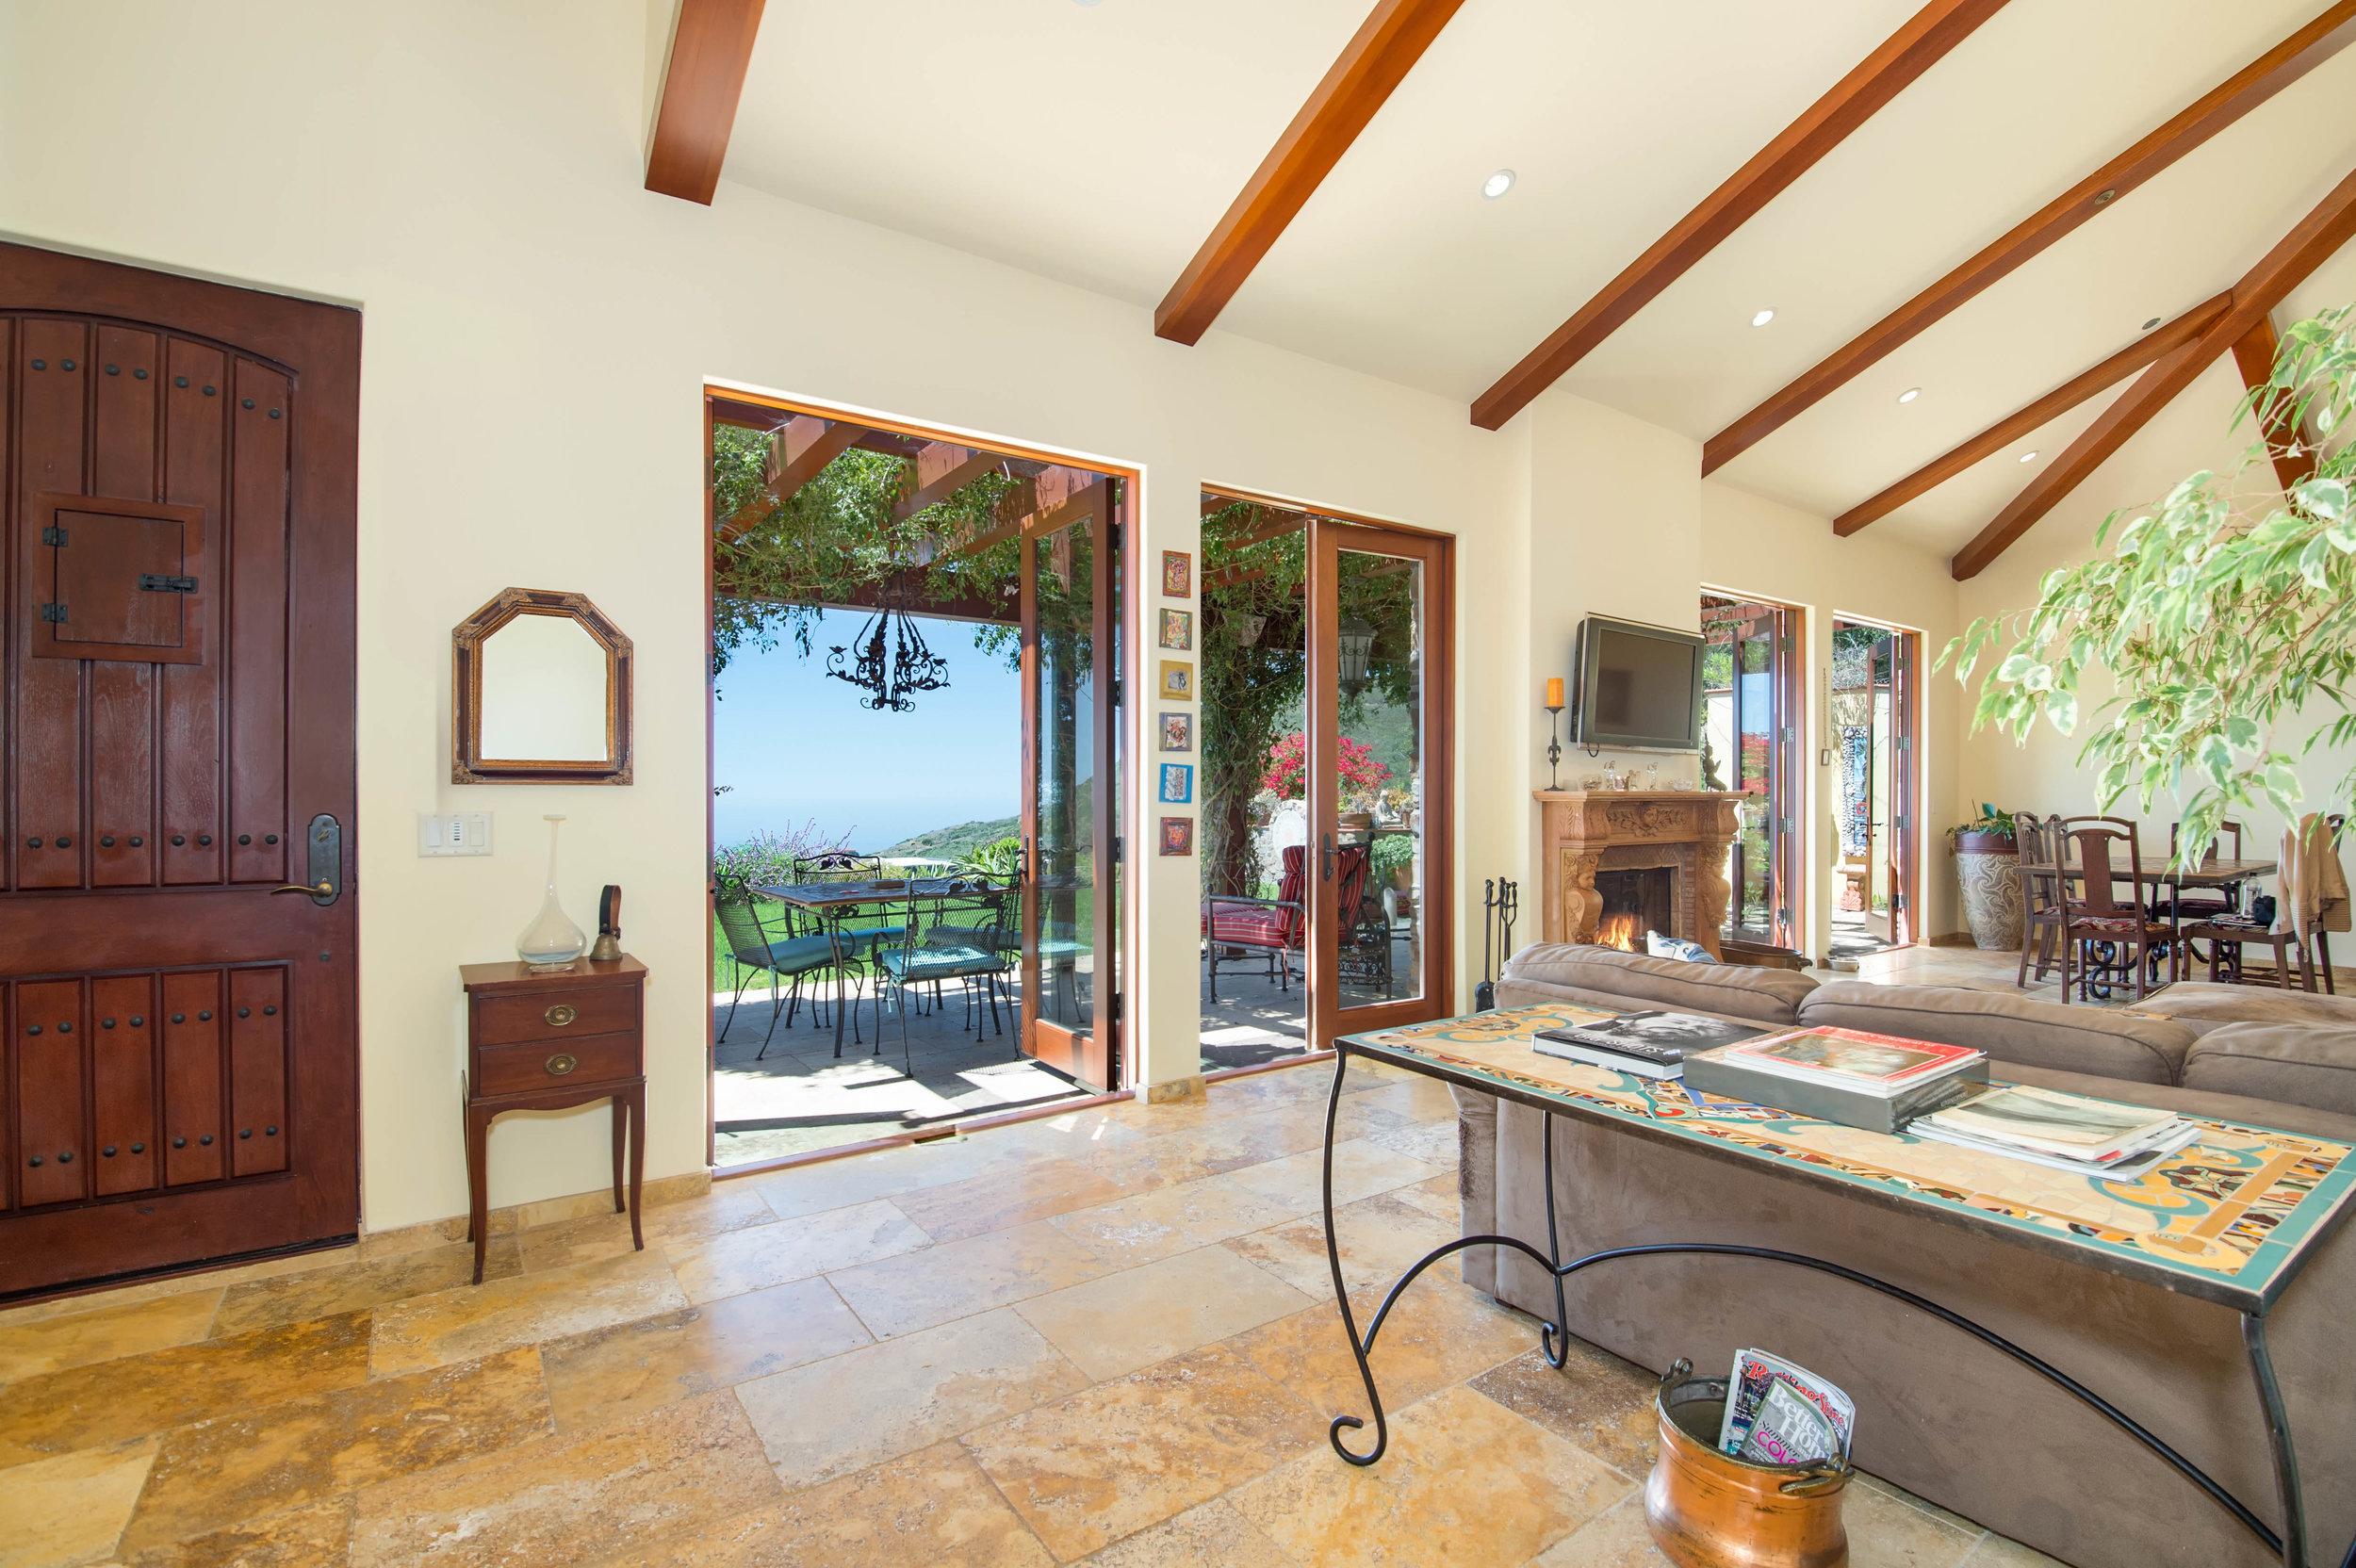 012 Living Room 26303 Lockwood Road Malibu For Sale Lease The Malibu Life Team Luxury Real Estate.jpg